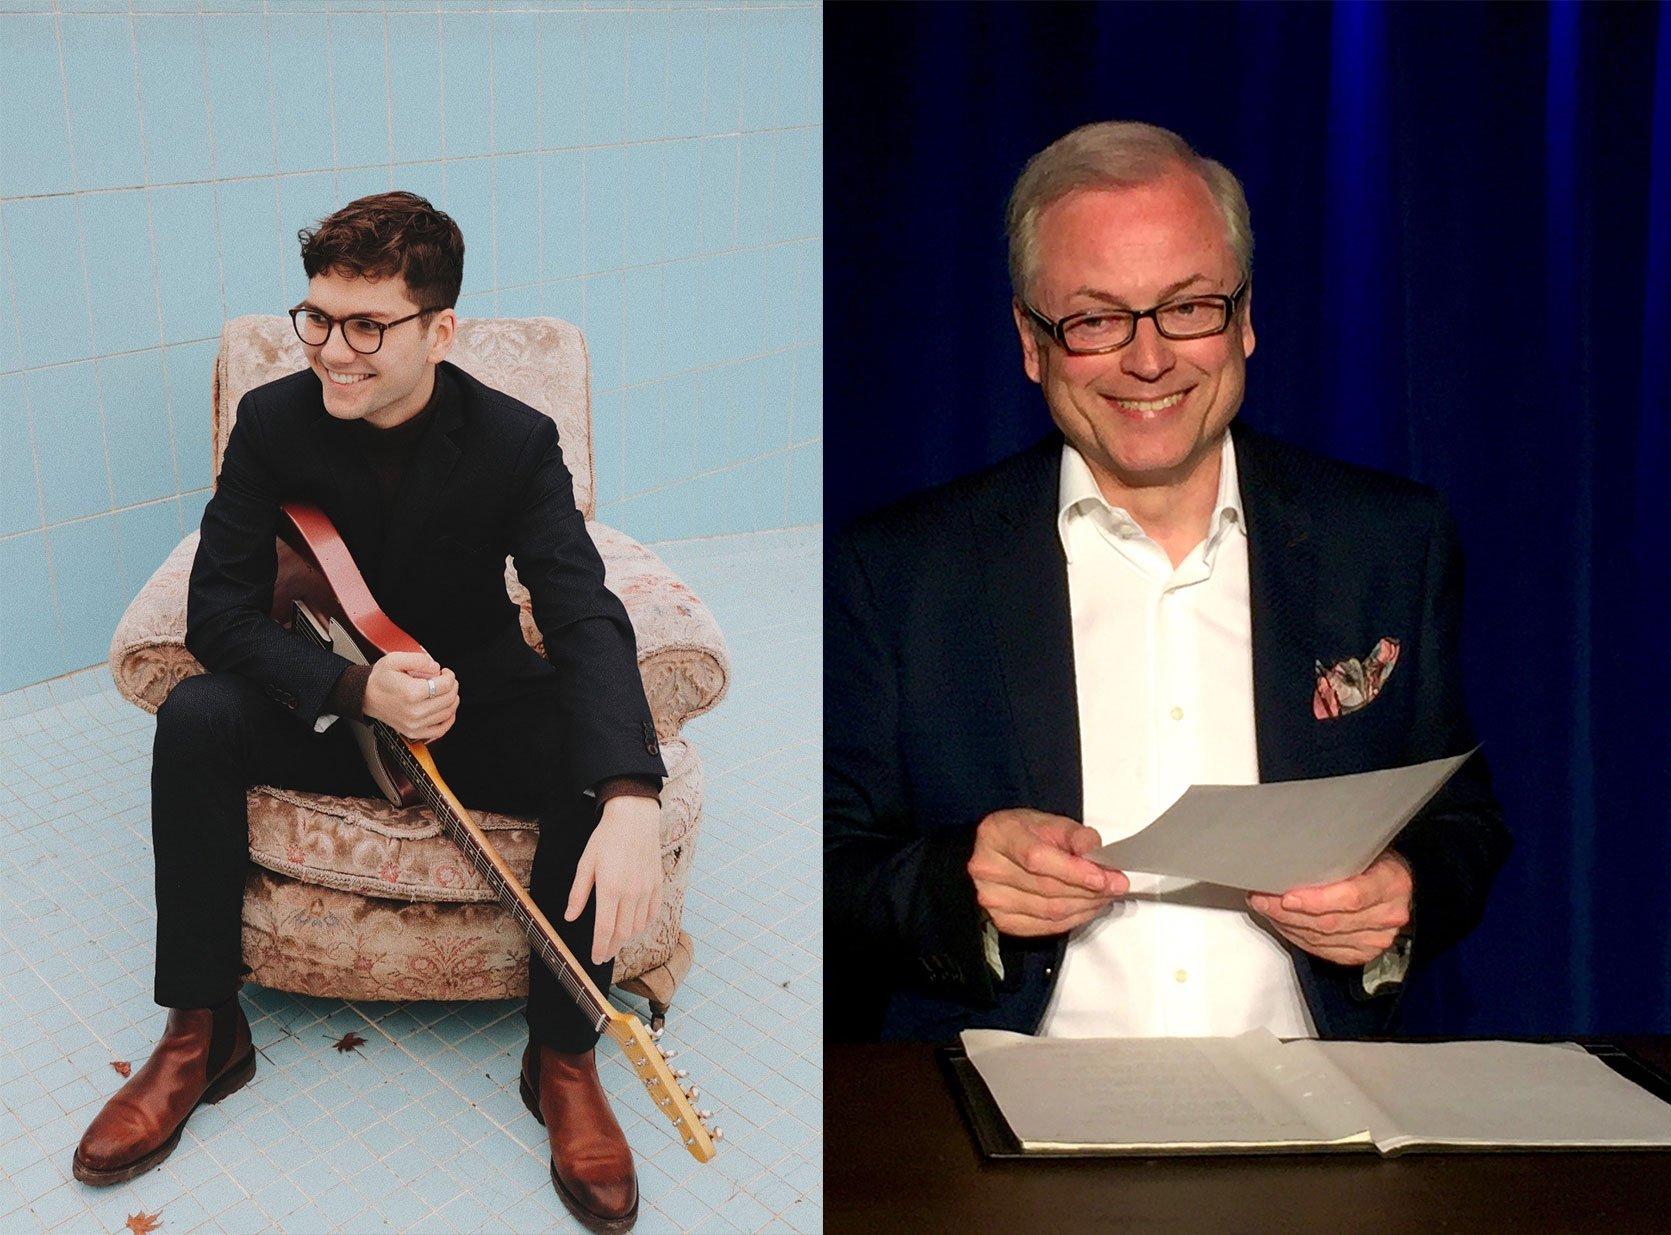 Links ein Porträt des Jazz-Gitarristen Alexander Rueß, rechts ein Porträt des Schauspielers Hans-Jürgen Schatz.